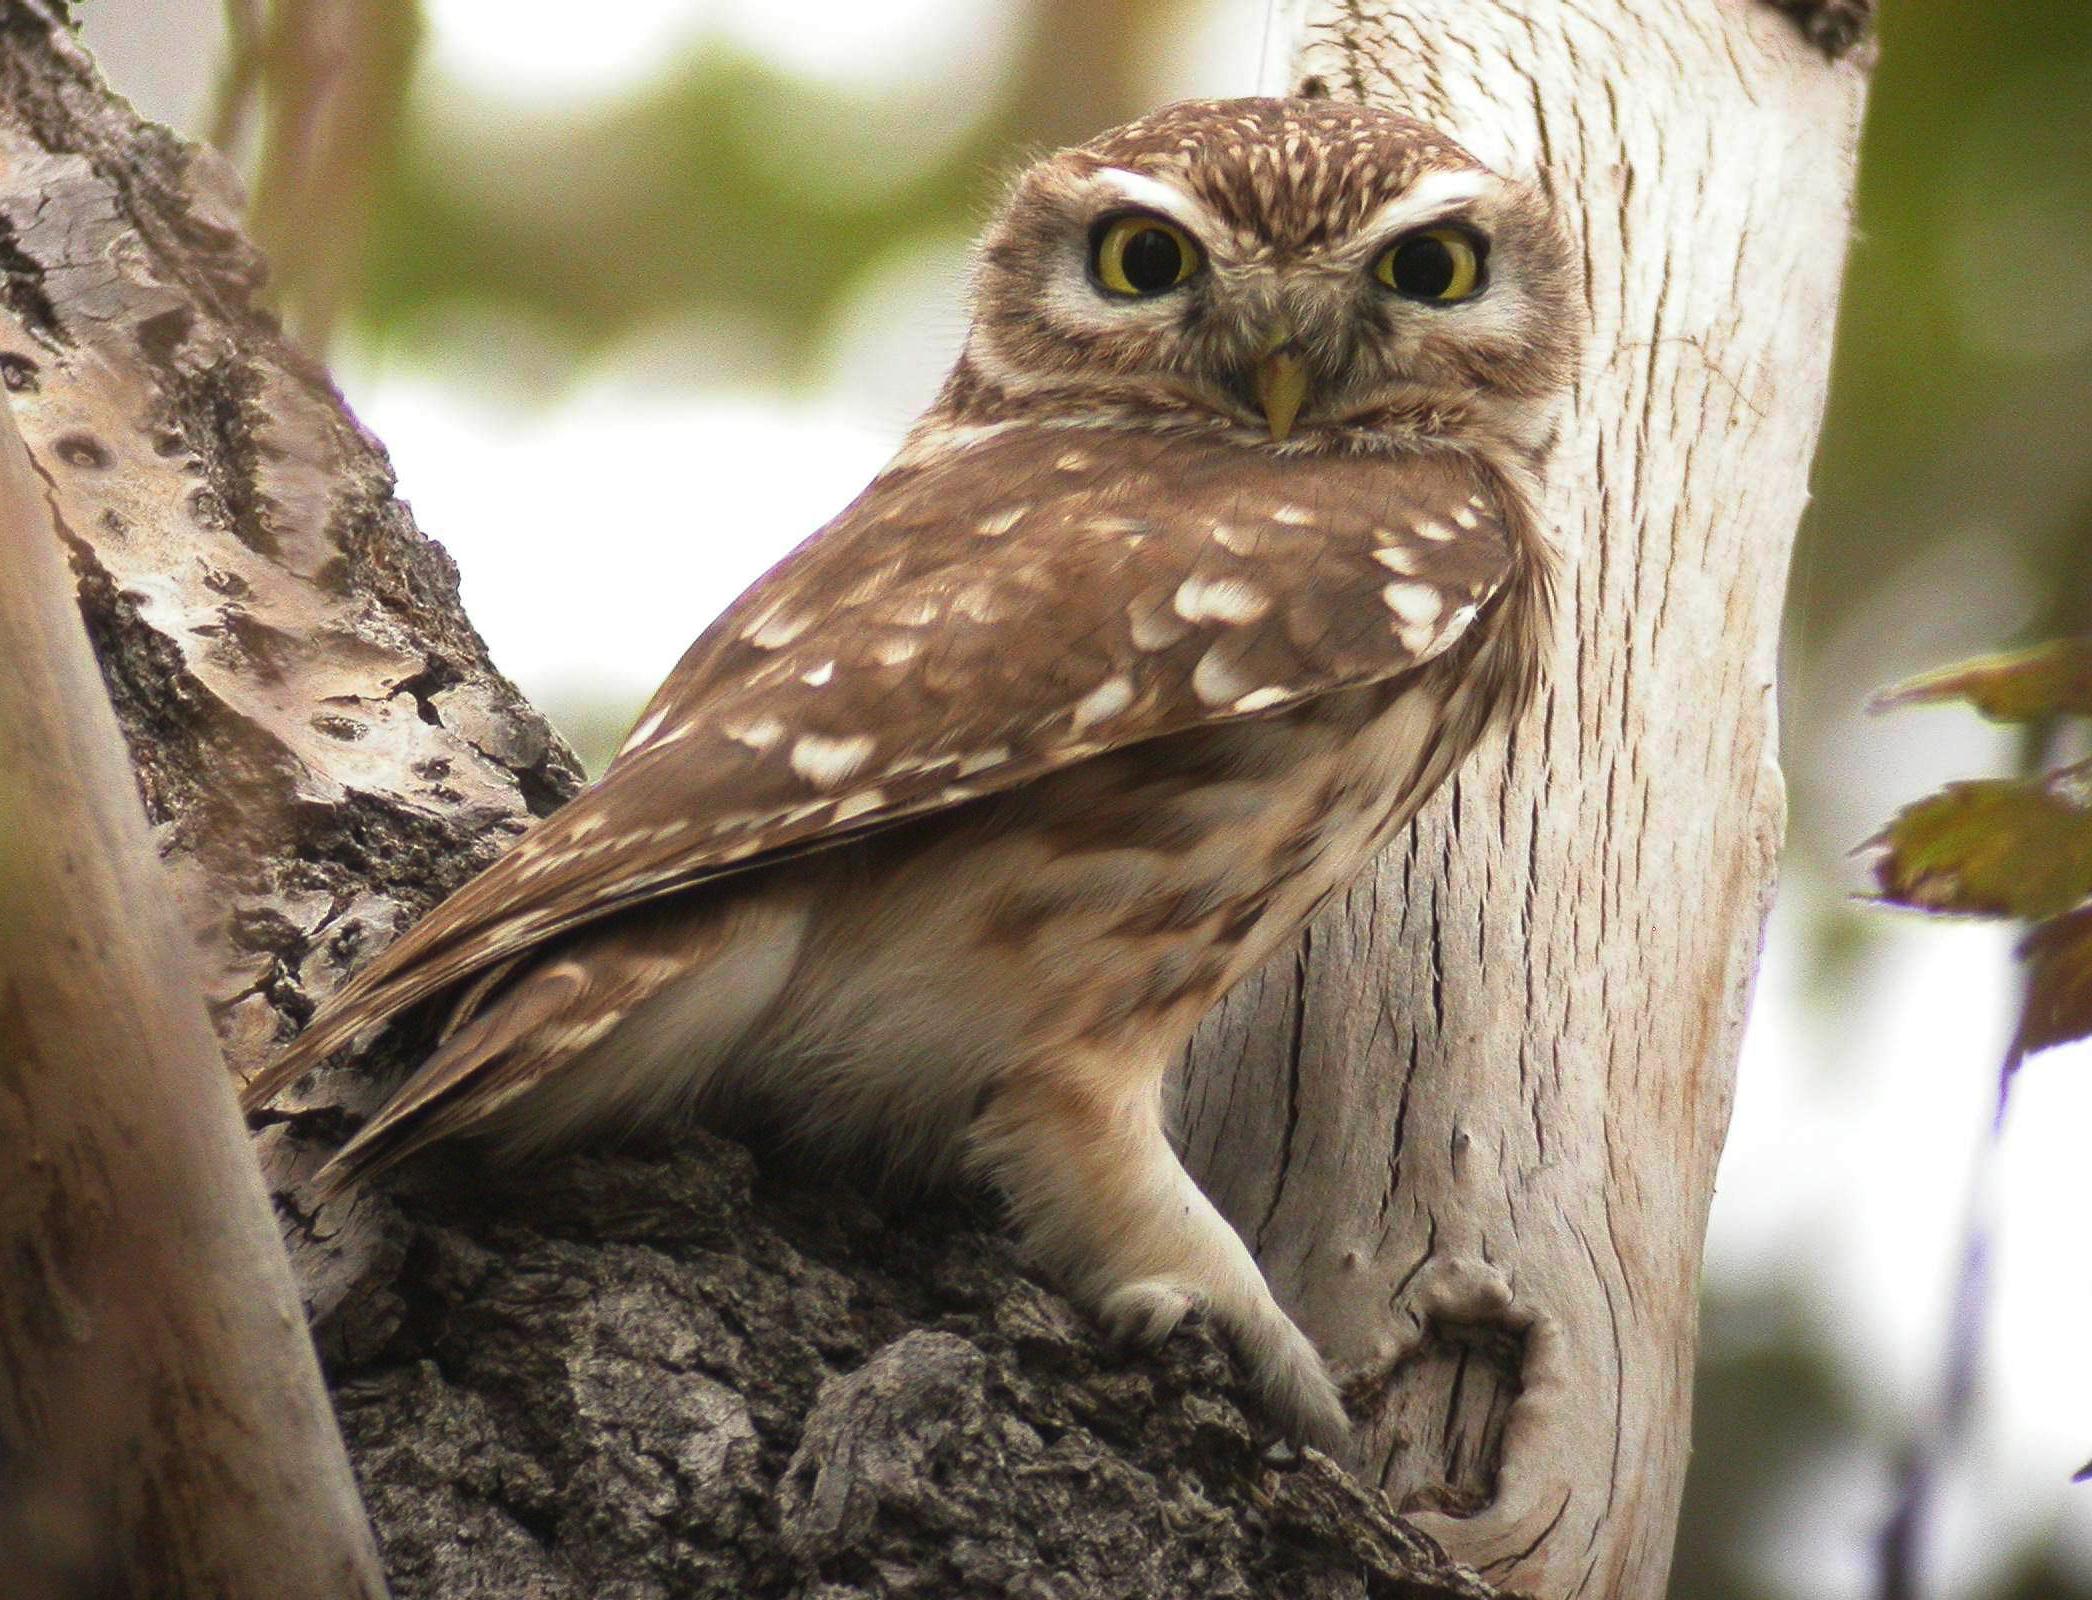 swinhoe s owlet birding beijing 北京观鸟